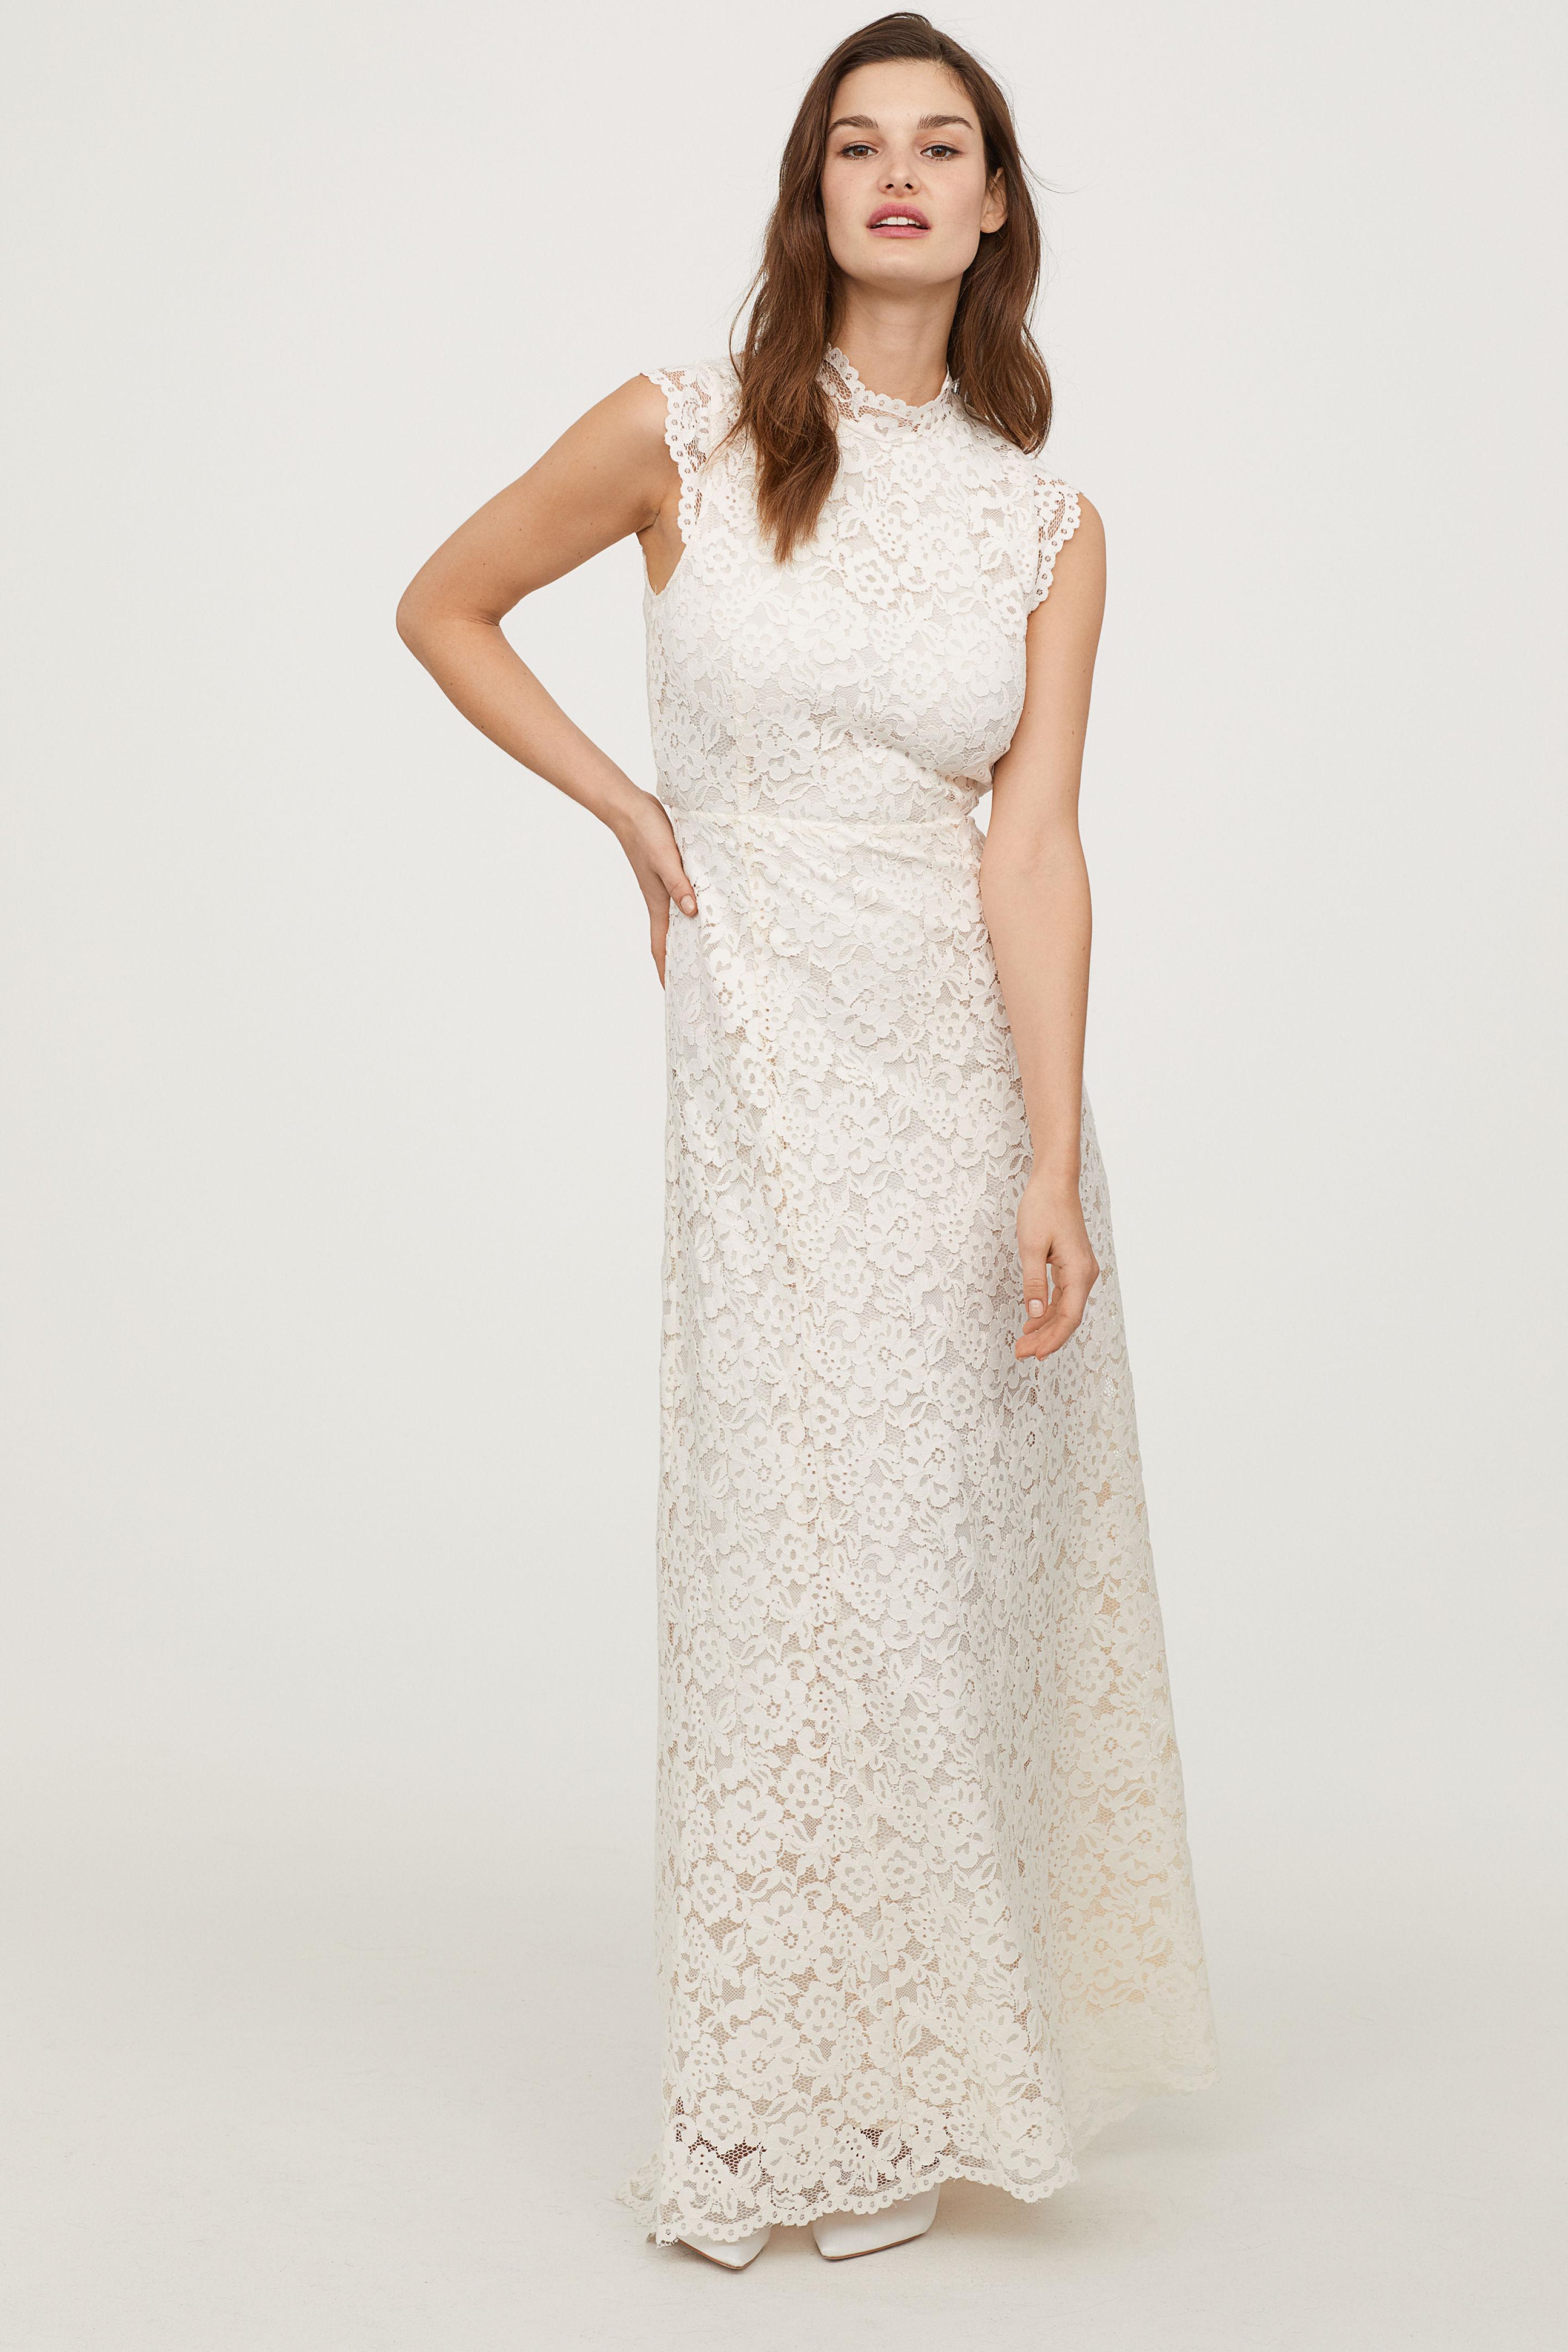 Vestido de noiva da Angel Arlete | Vestido de noiva